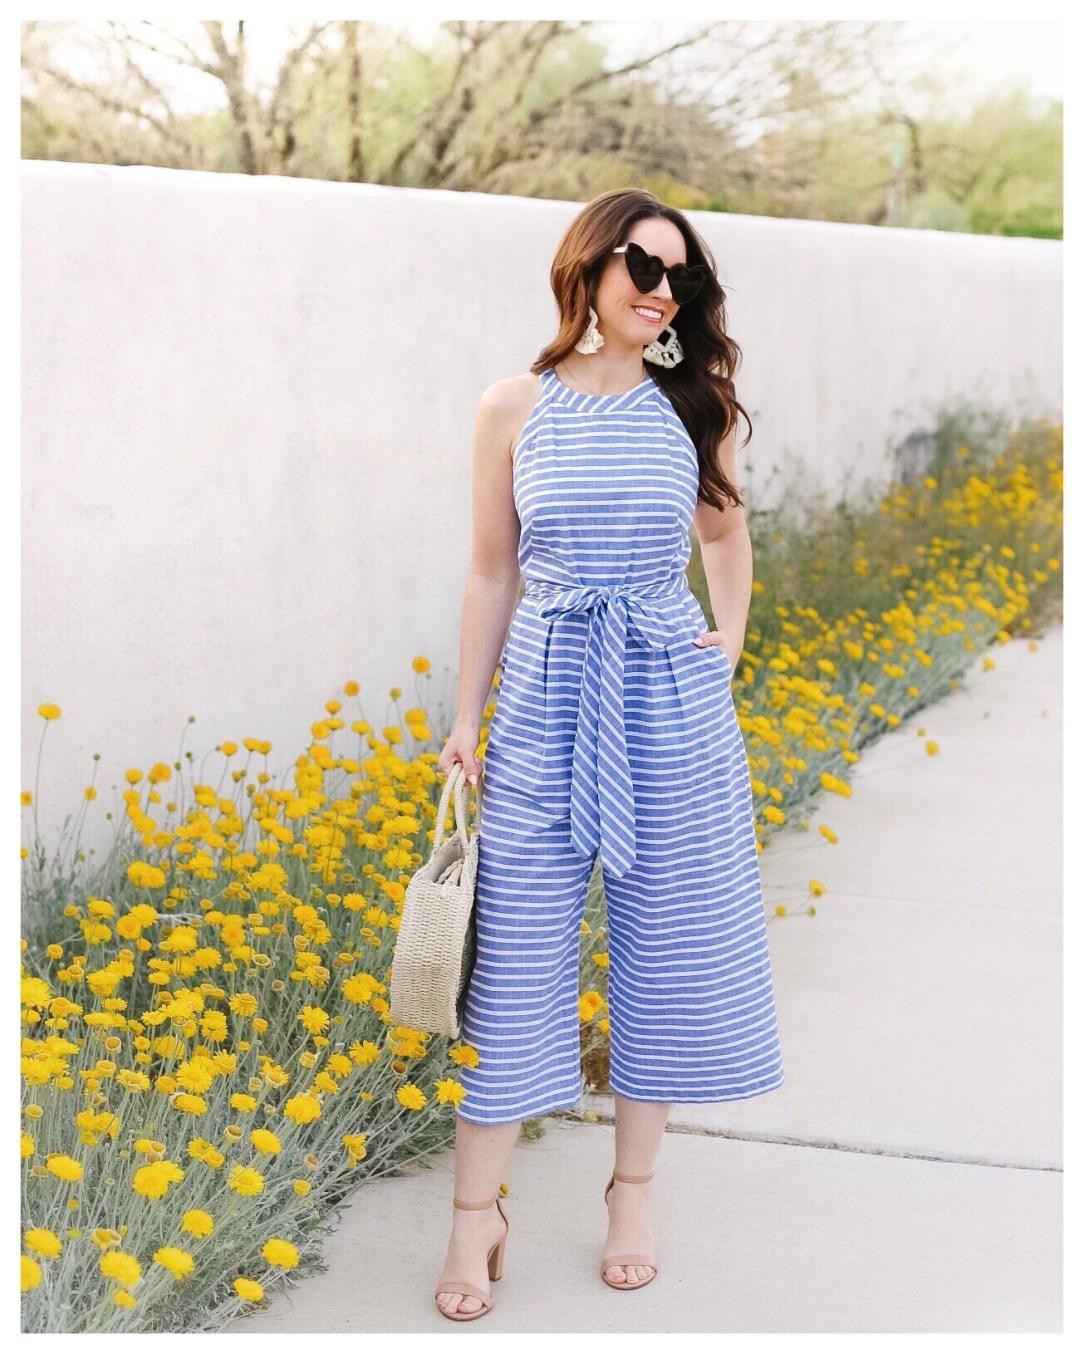 Five Foot Feminine in Blue and White Stripe Jumper